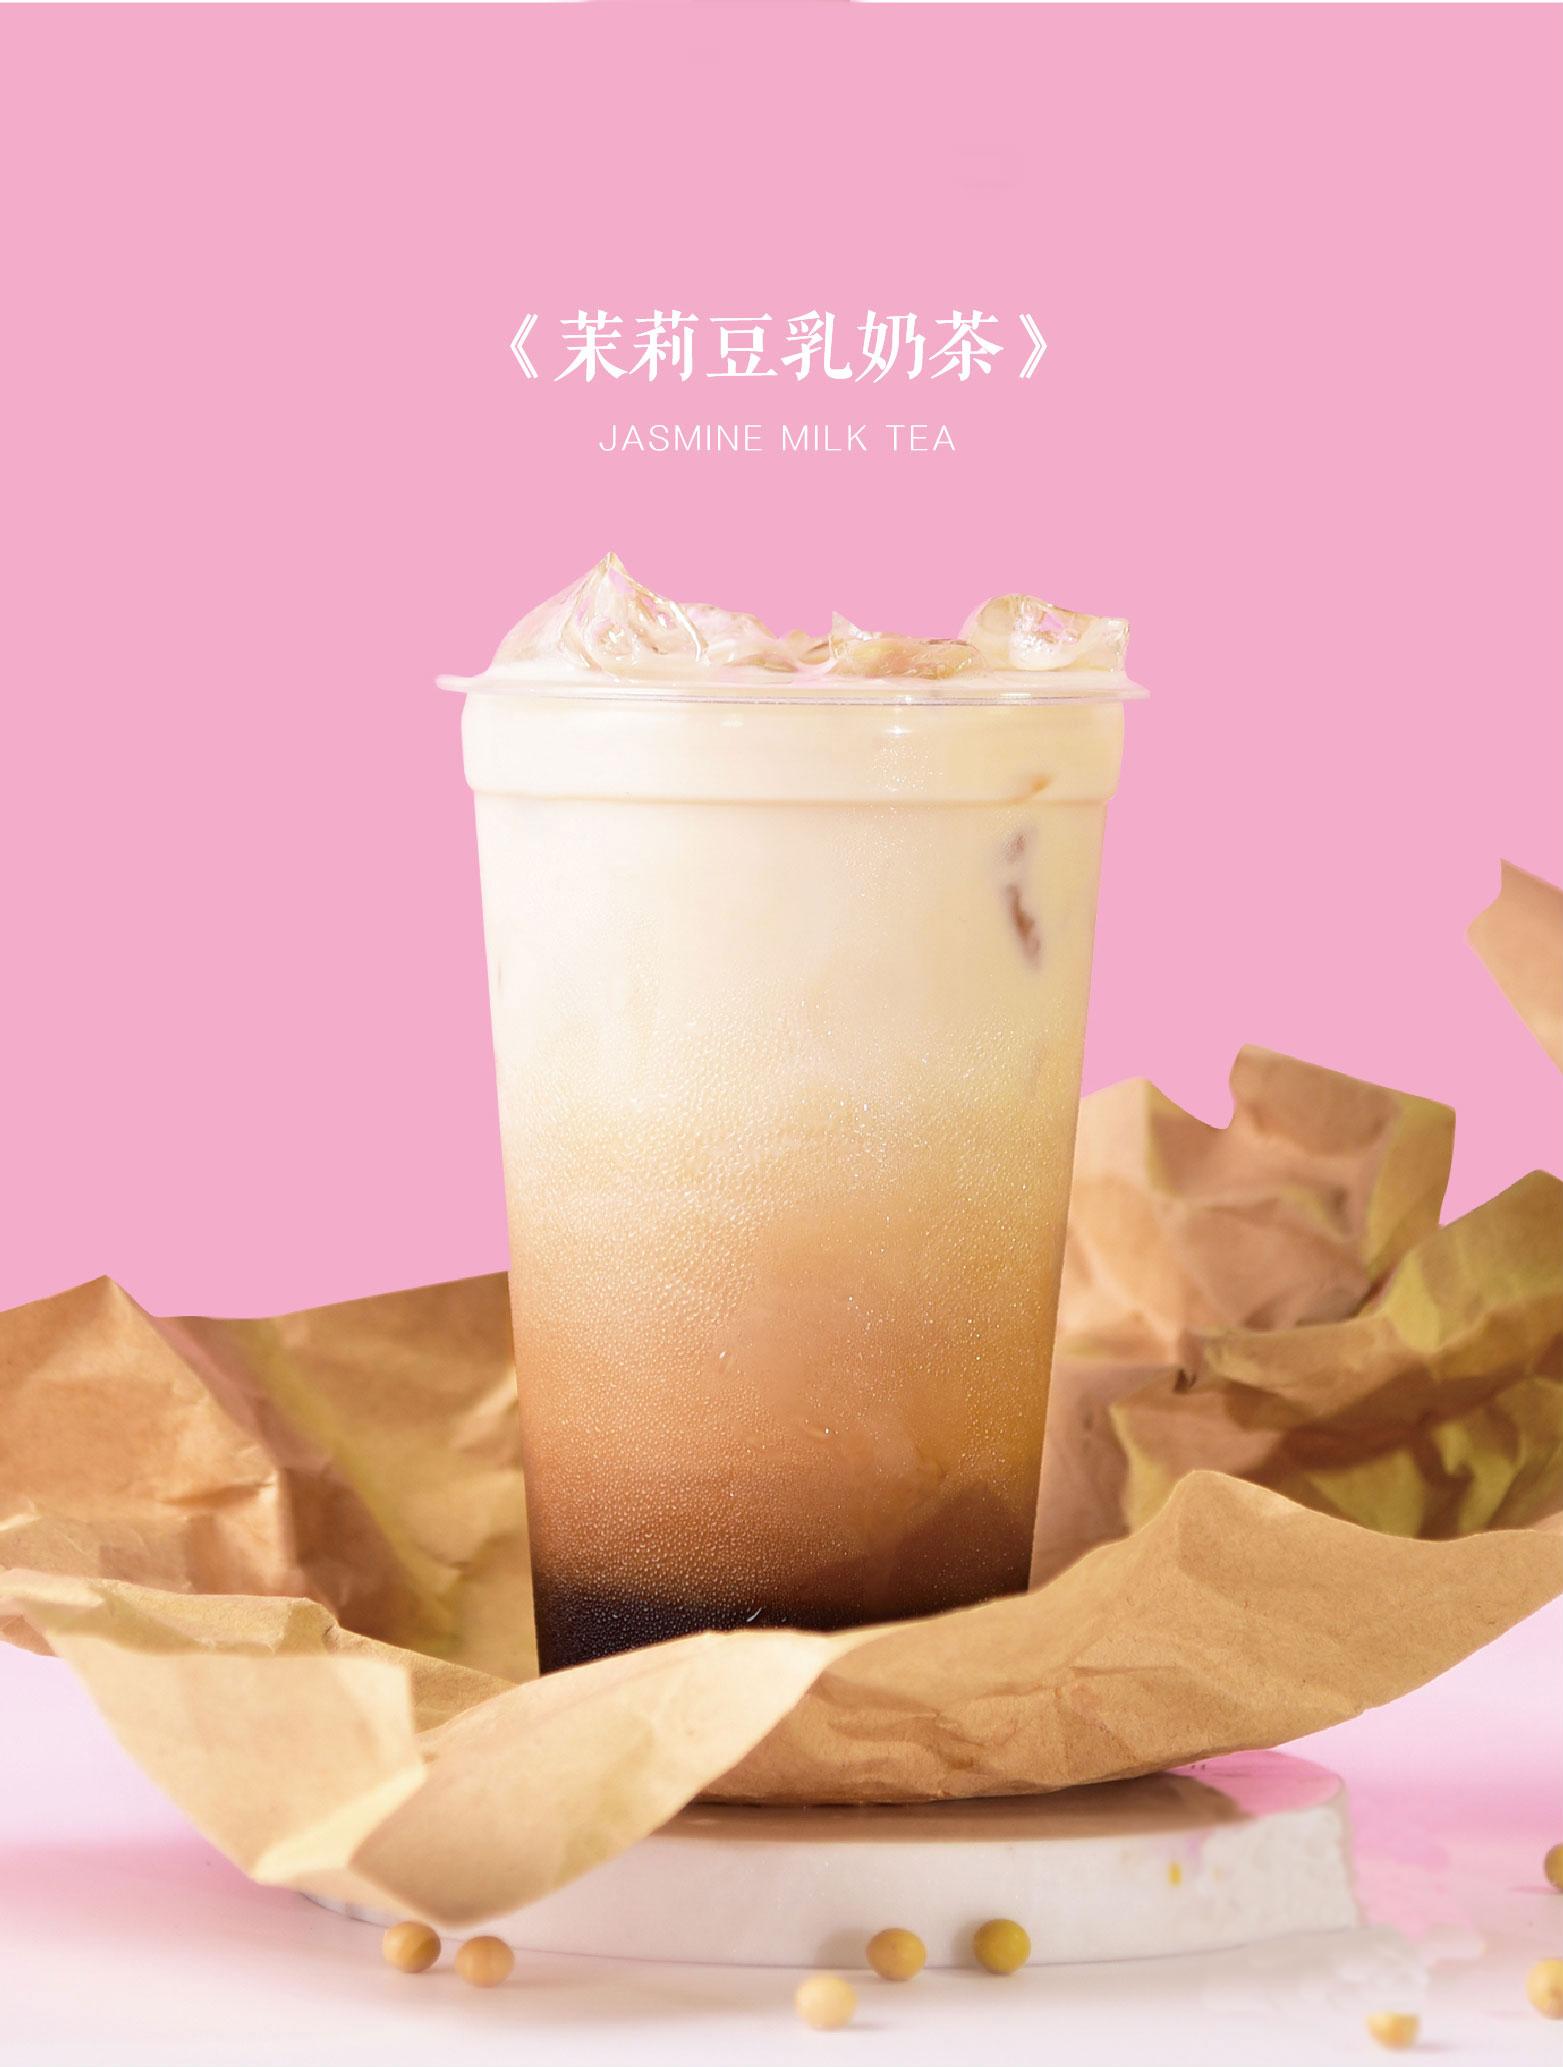 关店数大于开店数,创业开奶茶店真的好吗?